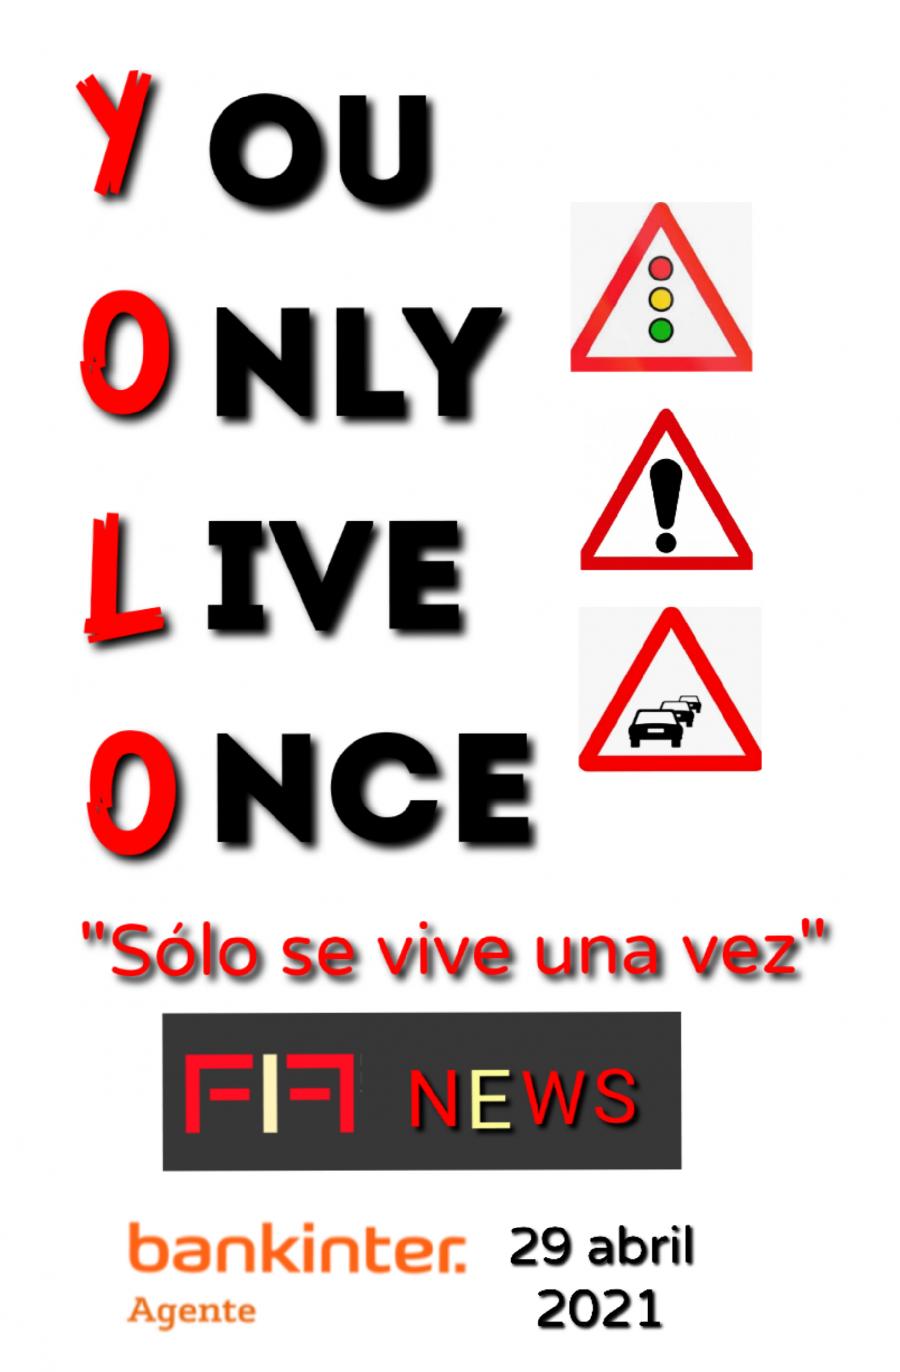 """FIFNEWS 29 abril 2021: """"Peligros del YOLO"""""""